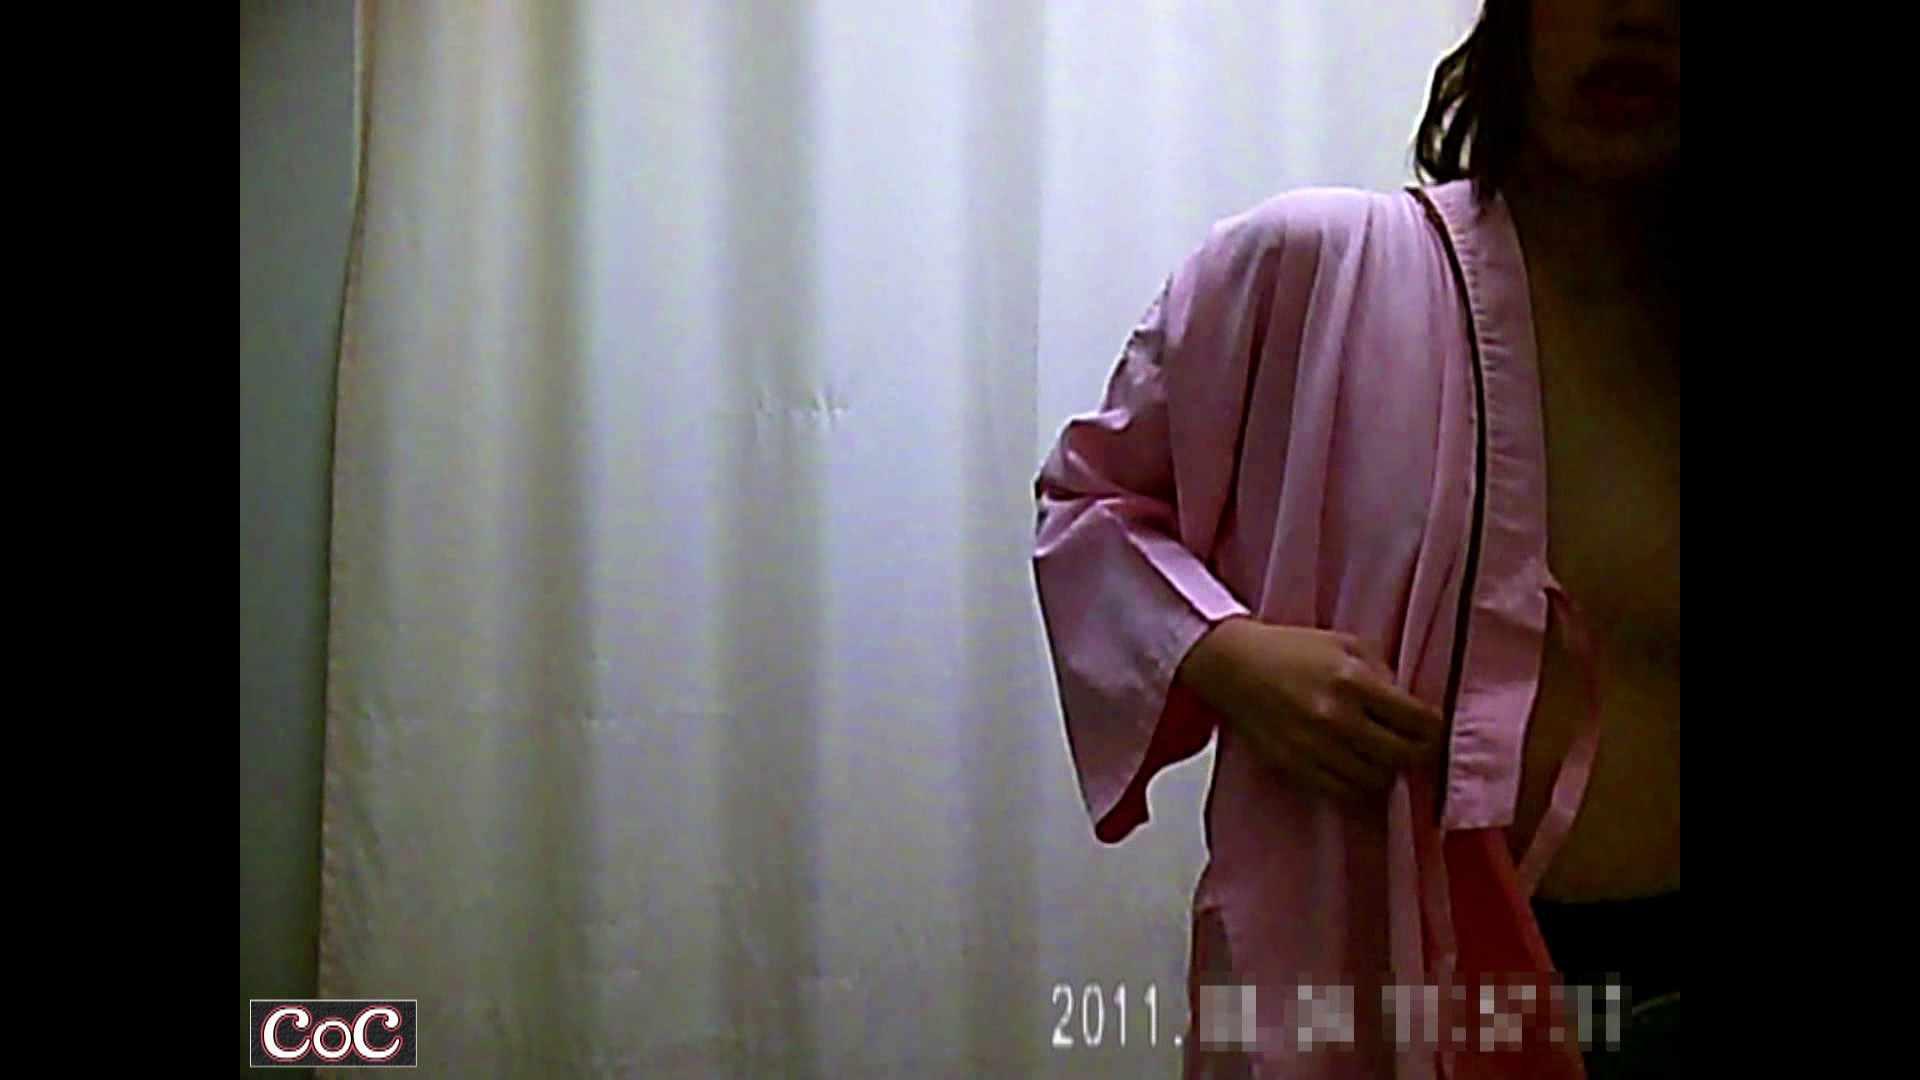 病院おもいっきり着替え! vol.10 乳首ポロリ 盗撮動画紹介 109画像 47